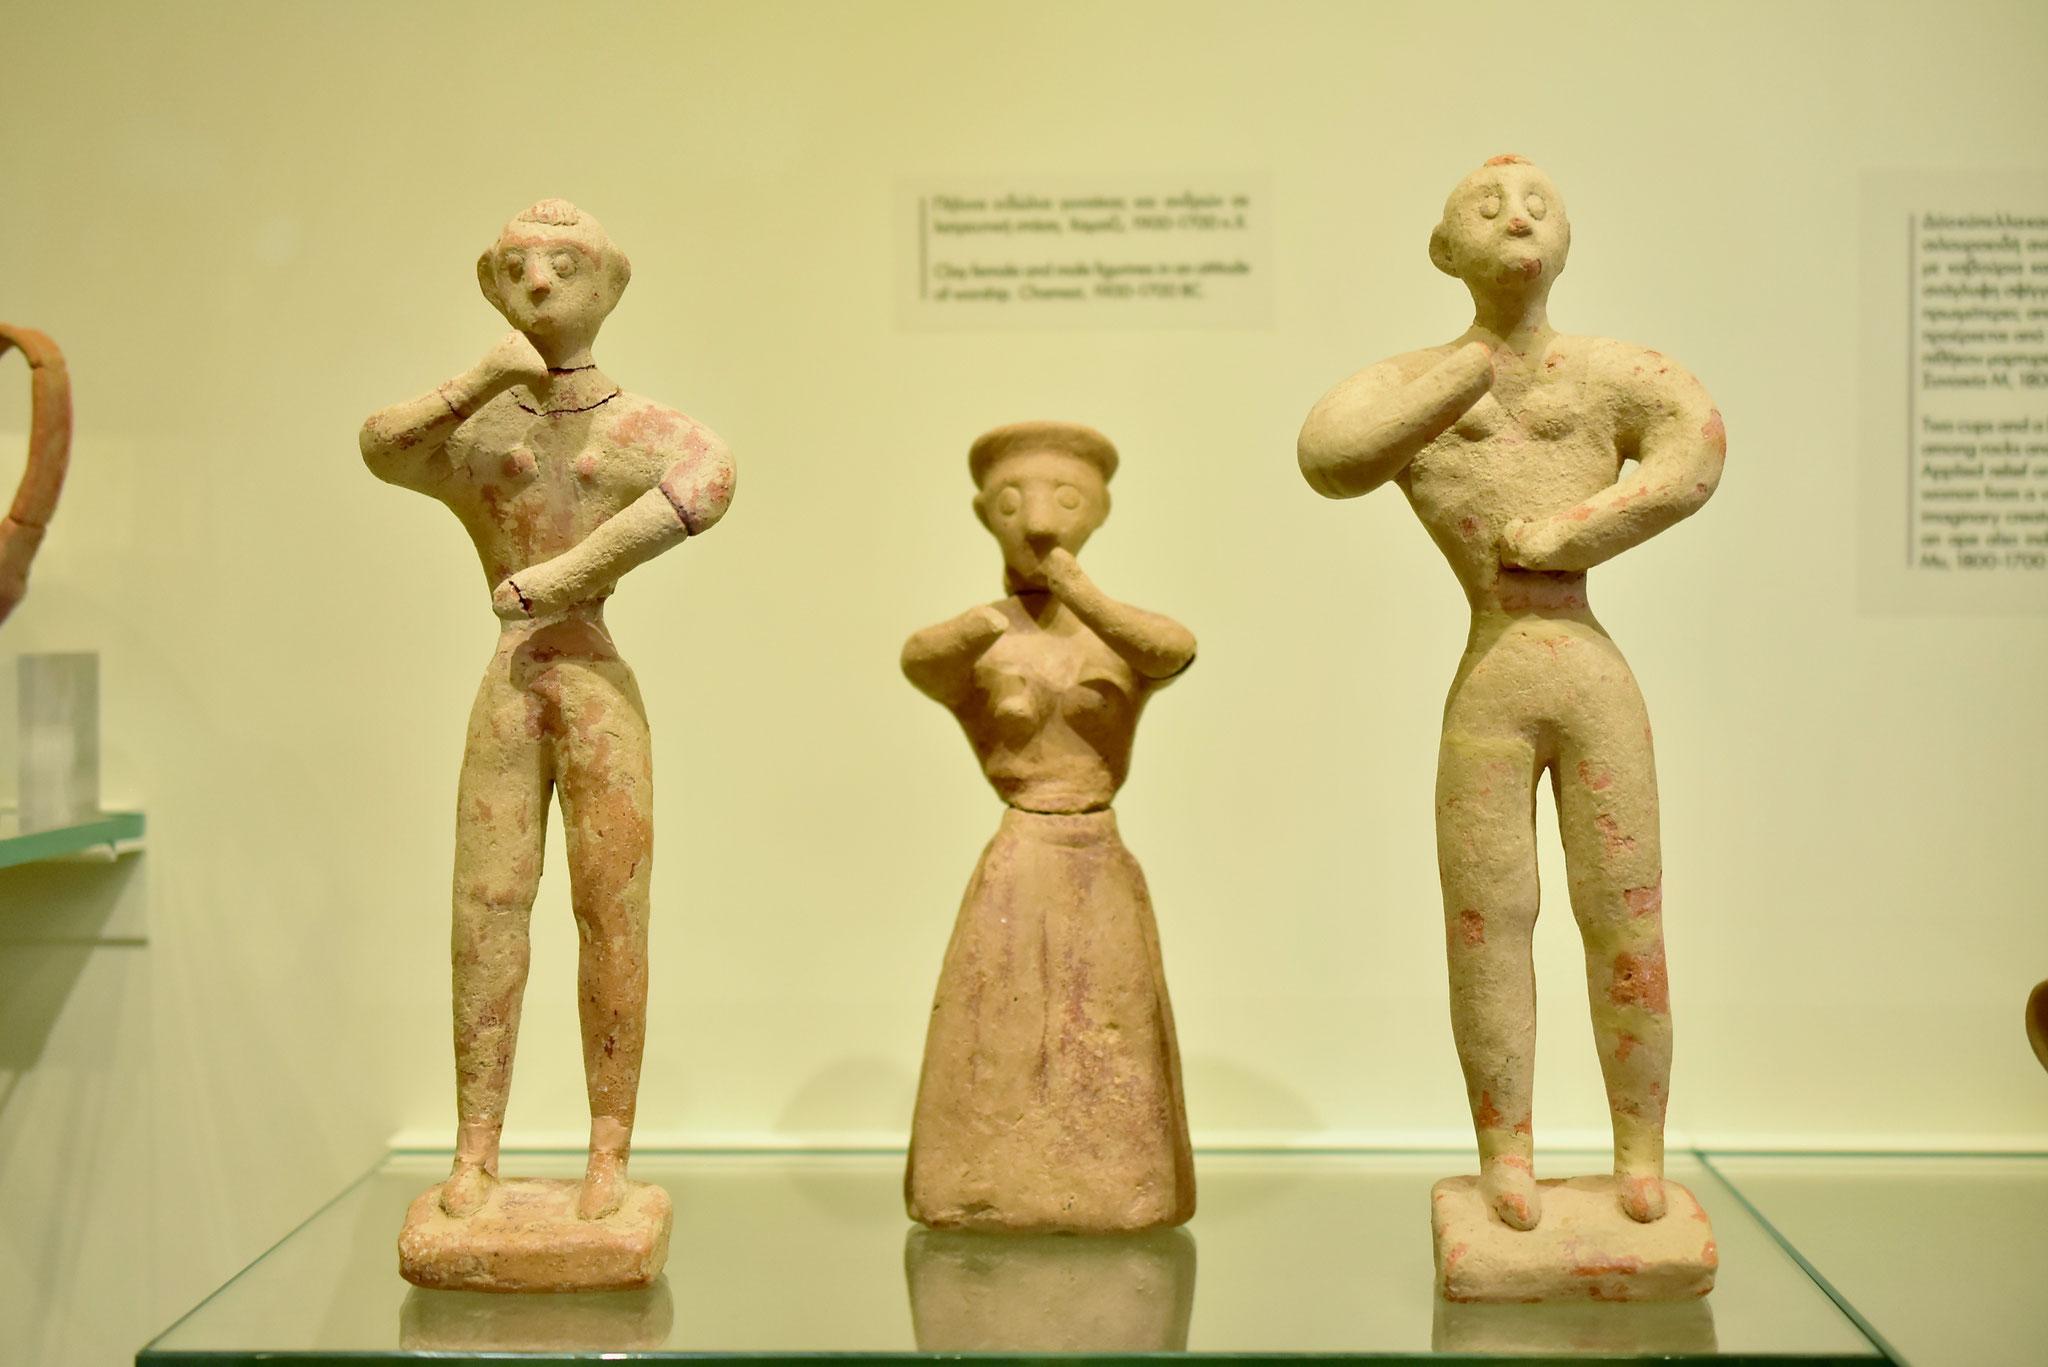 両手を挙げていたり、踊っているようなポーズが不思議な像(イラクリオン古代博物館貯蔵物)